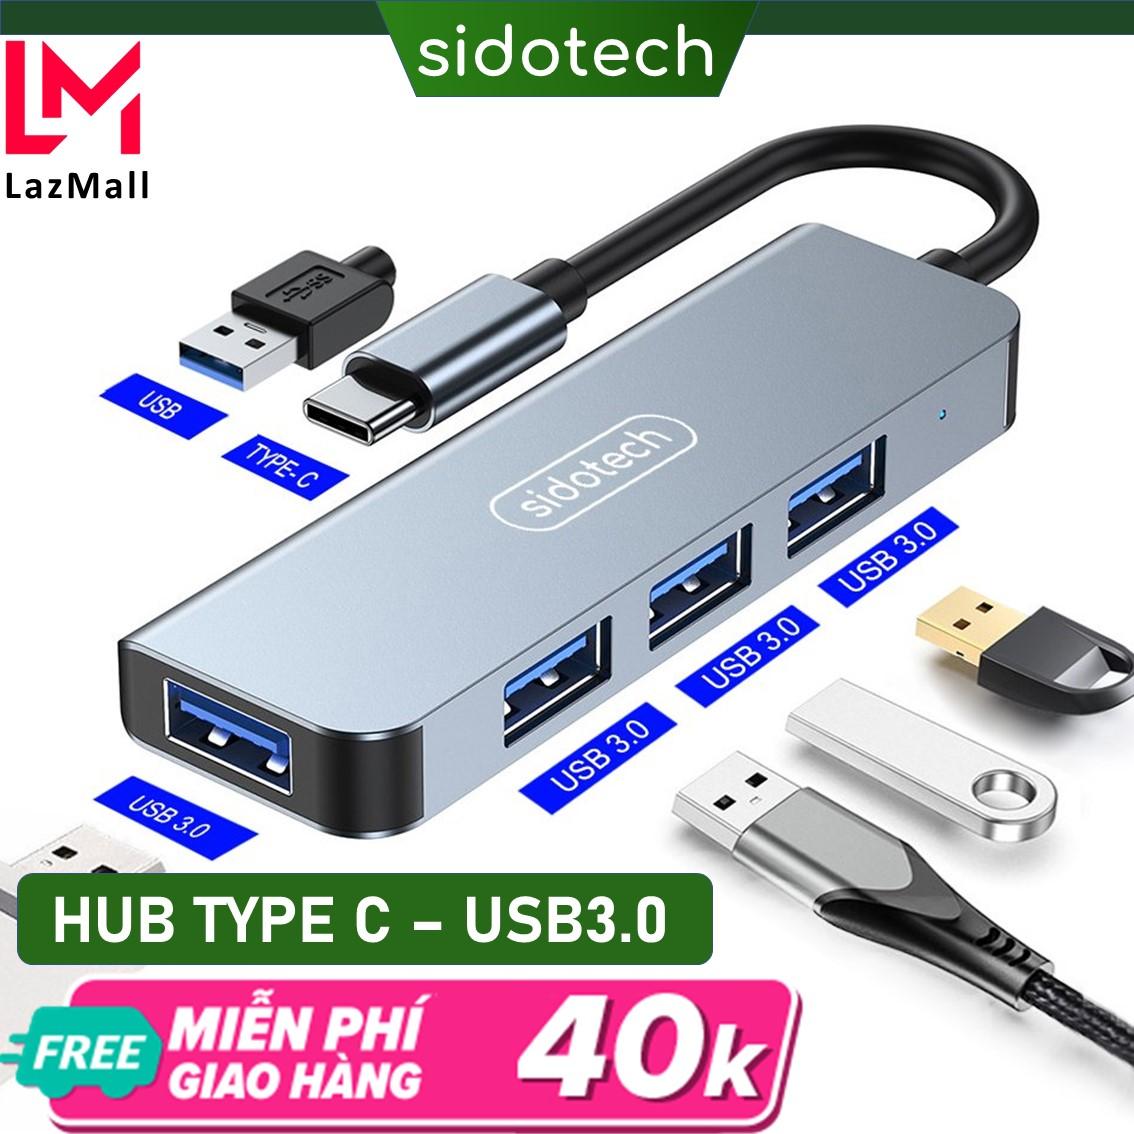 HUB Type C và HUB USB 3.0 tốc độ cao 4 in 1 Sidotech bộ chia cổng usb mở rộng kết nối chuyển đổi cho Macbook Pro Laptop PC hỗ trợ sạc pin kết nối đa năng ổ cứng bàn phím chuột máy in, thiết bị ổ chia usb - Hàng chính hãng